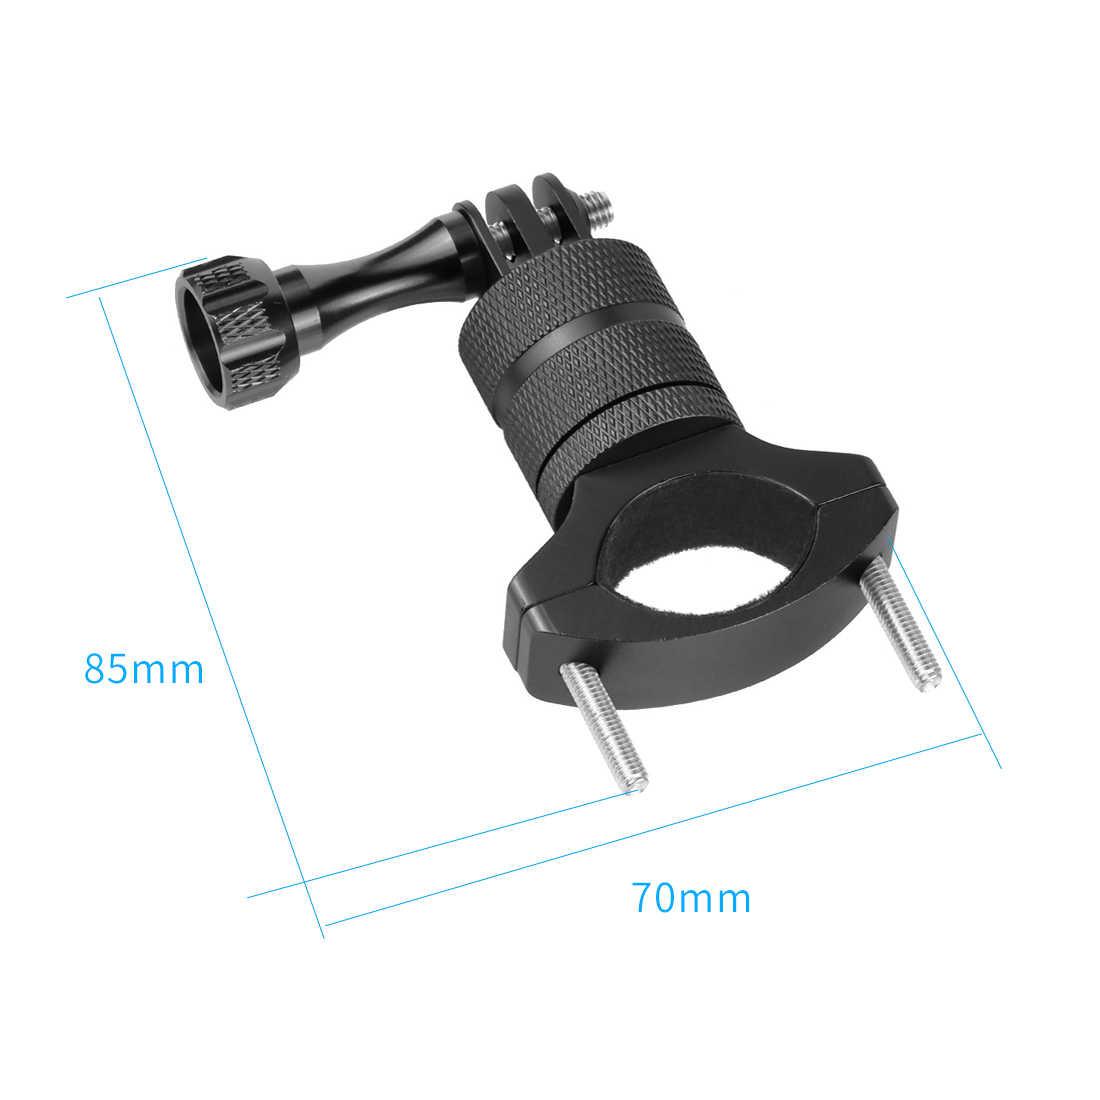 F23459 Manillar de aluminio de la bicicleta del Motor abrazadera de montaje Clip para Gopro 5 Xiaoyi SJCAM piezas de la Cámara de Acción